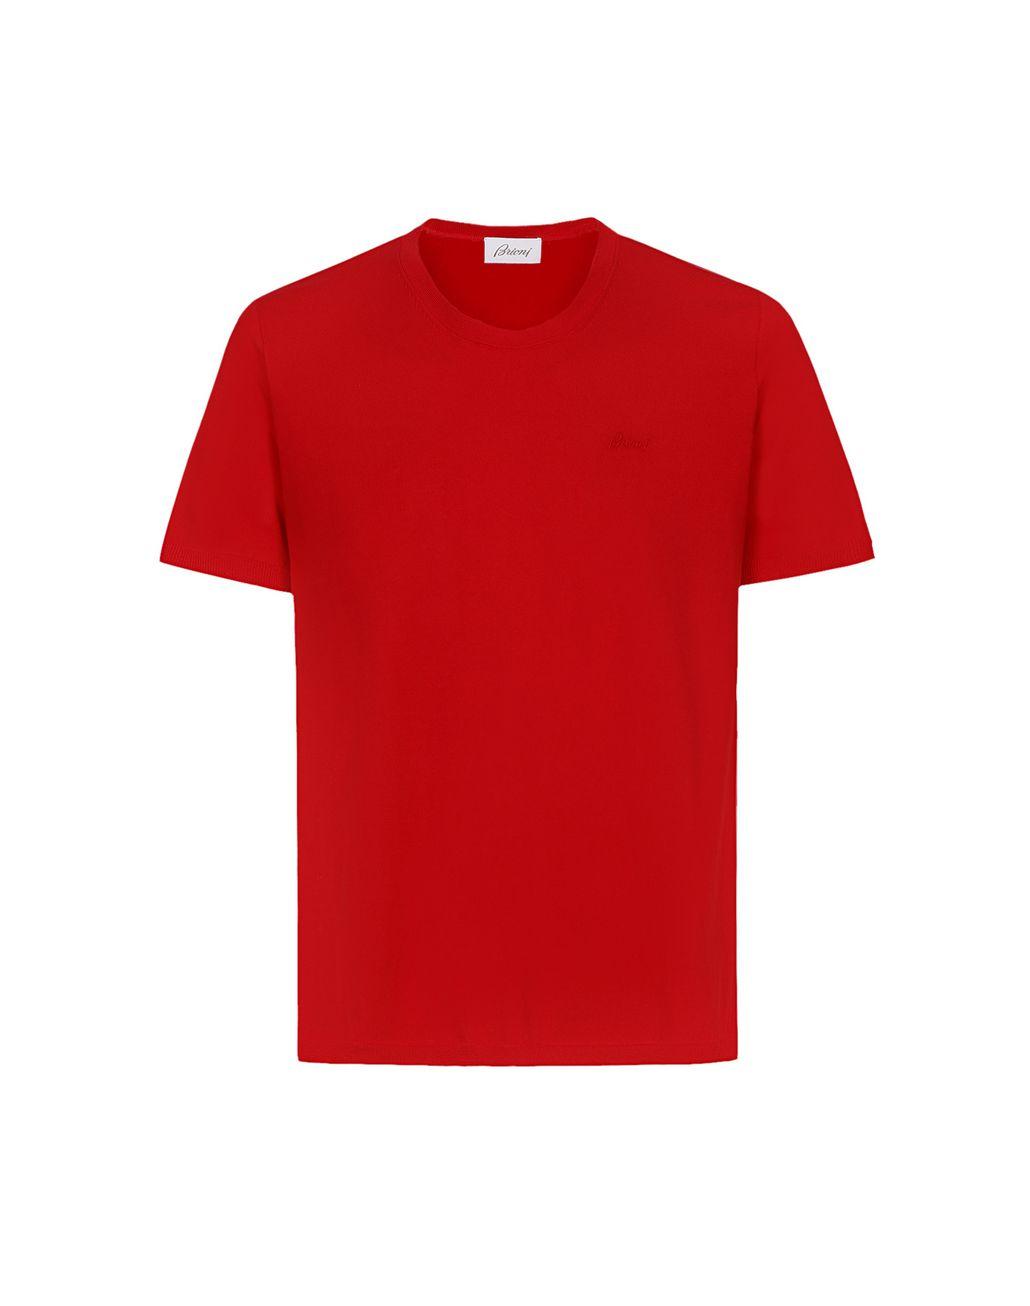 BRIONI T-shirt rouge avec logo T-shirts & polos Homme f